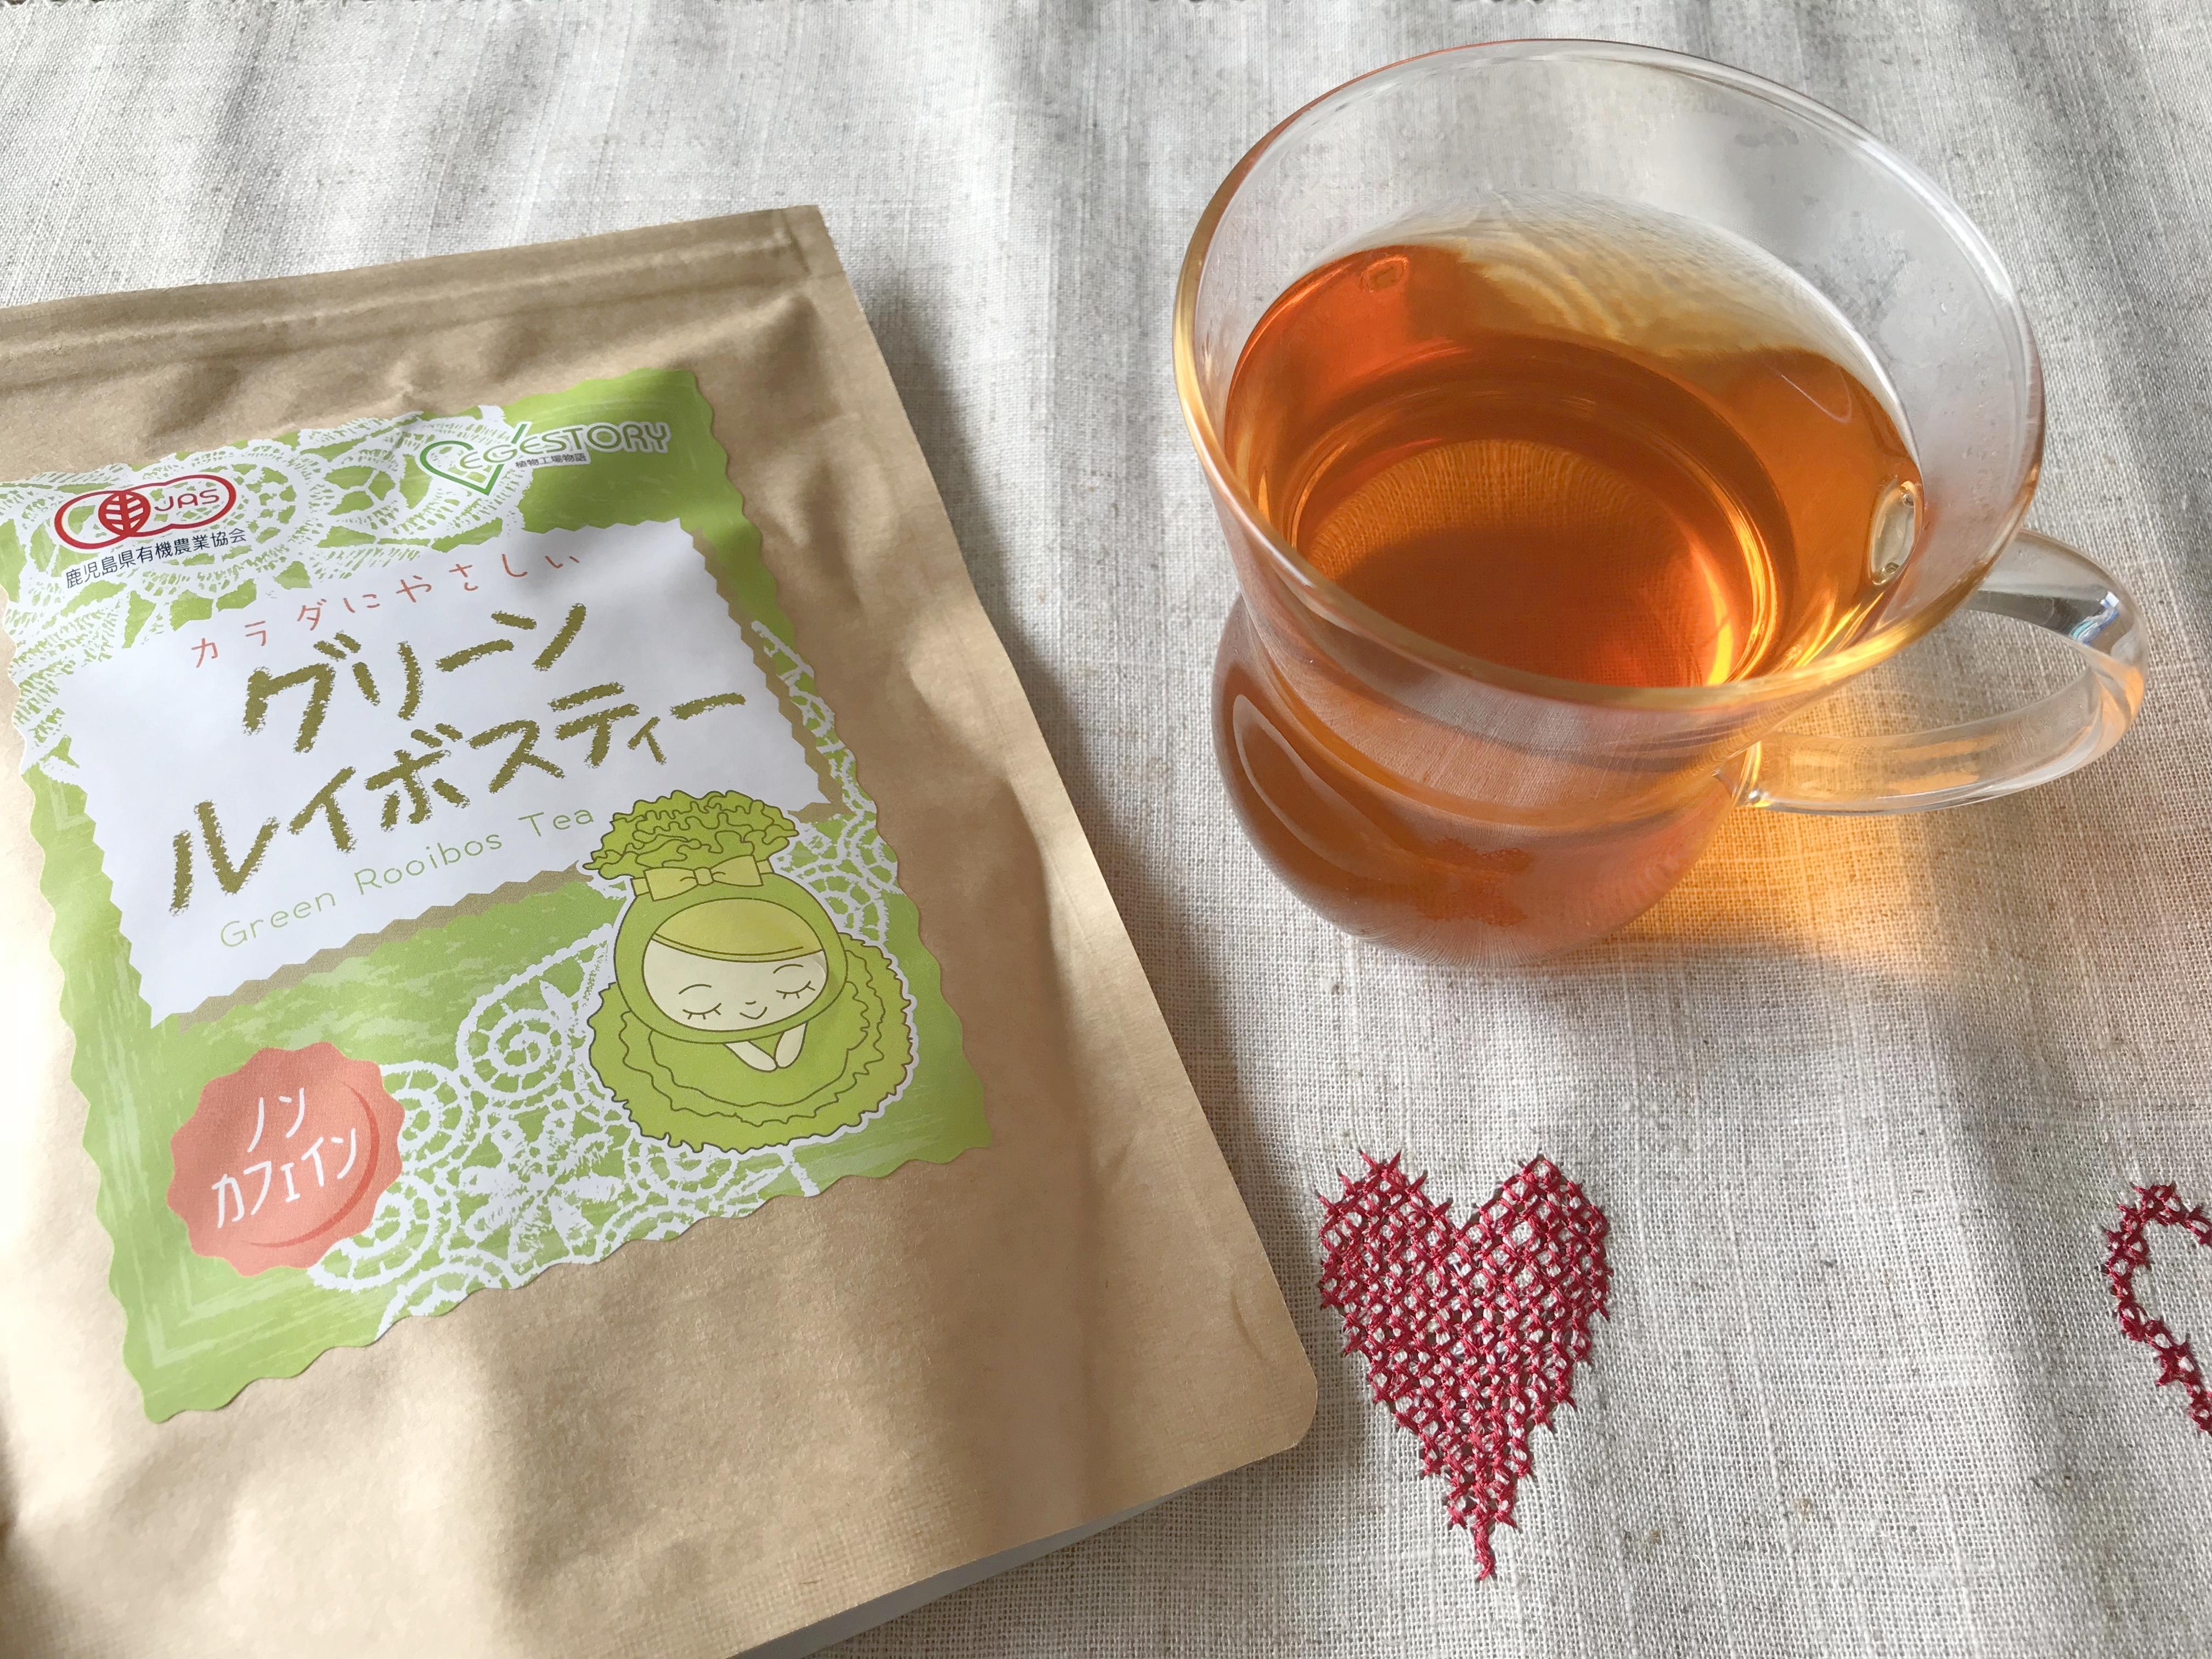 子宮筋腫におすすめなお茶「ルイボスティー」